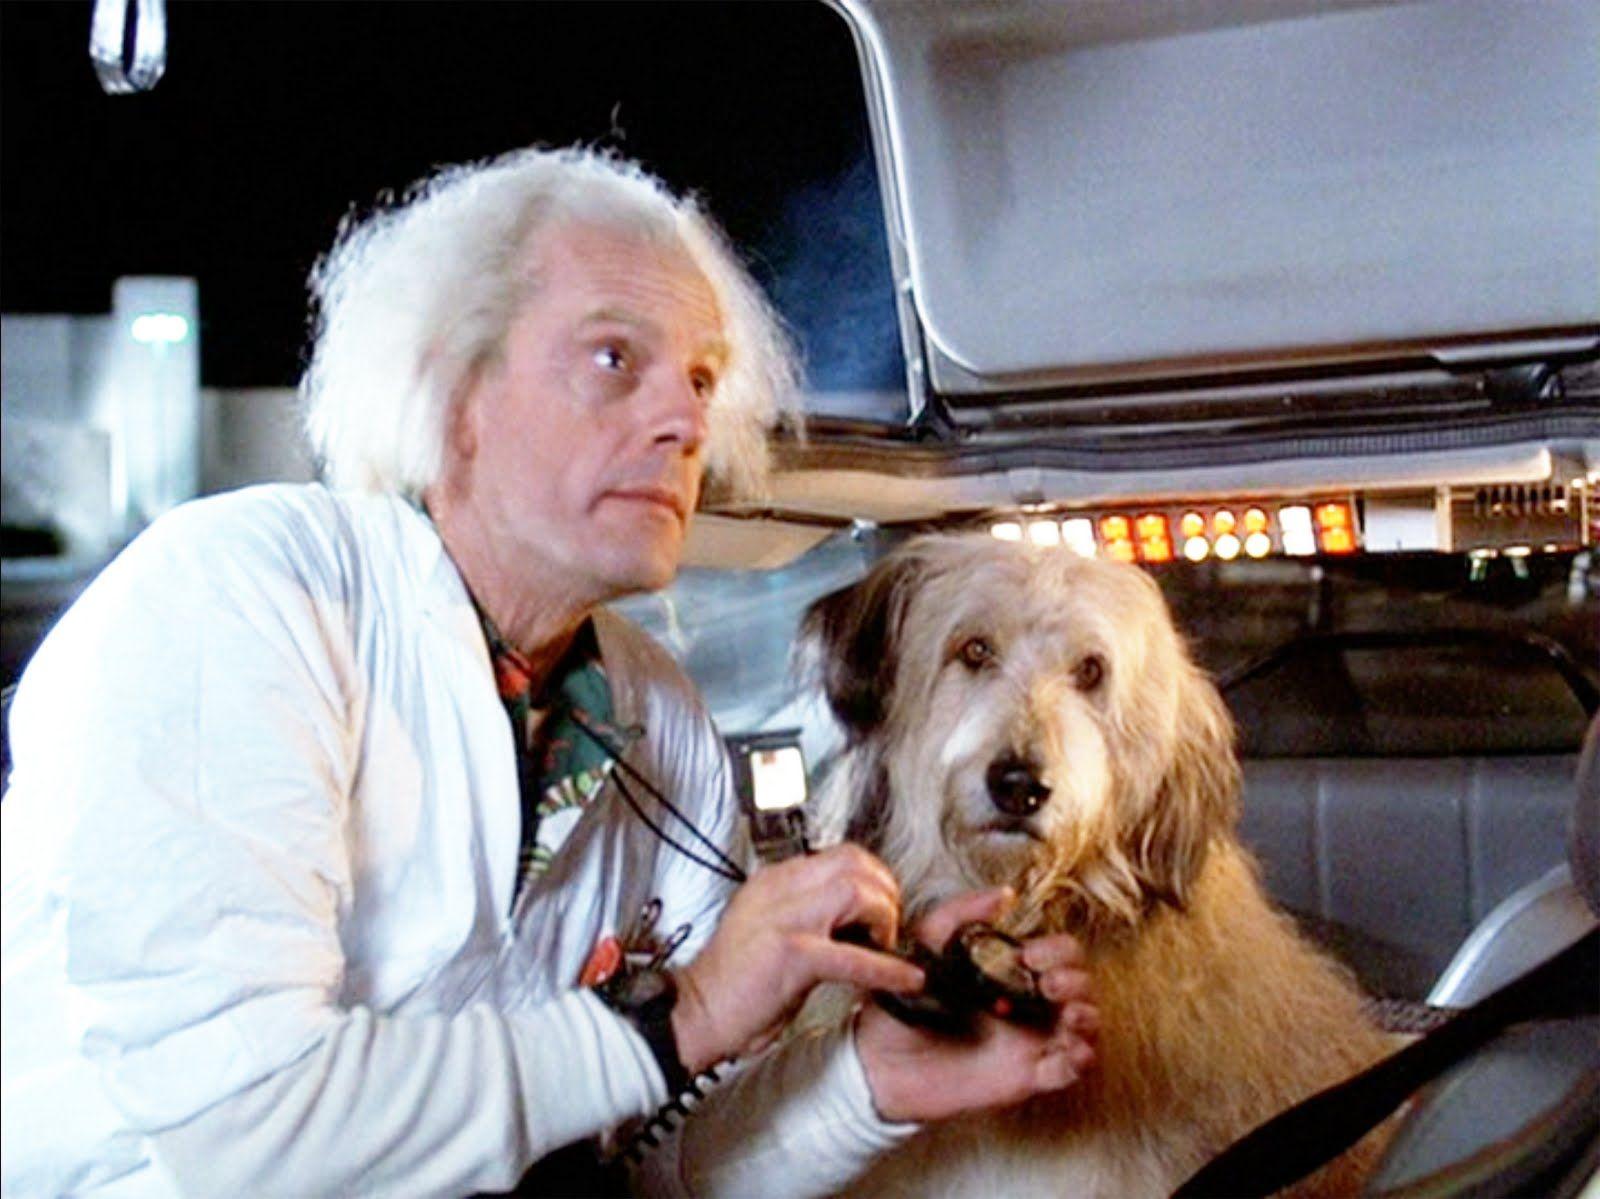 Dogilike.com :: จัดอันดับ 5 ภาพยนตร์ใน Netflix ที่ชวนน้องหมาดูด้วยกันได้!